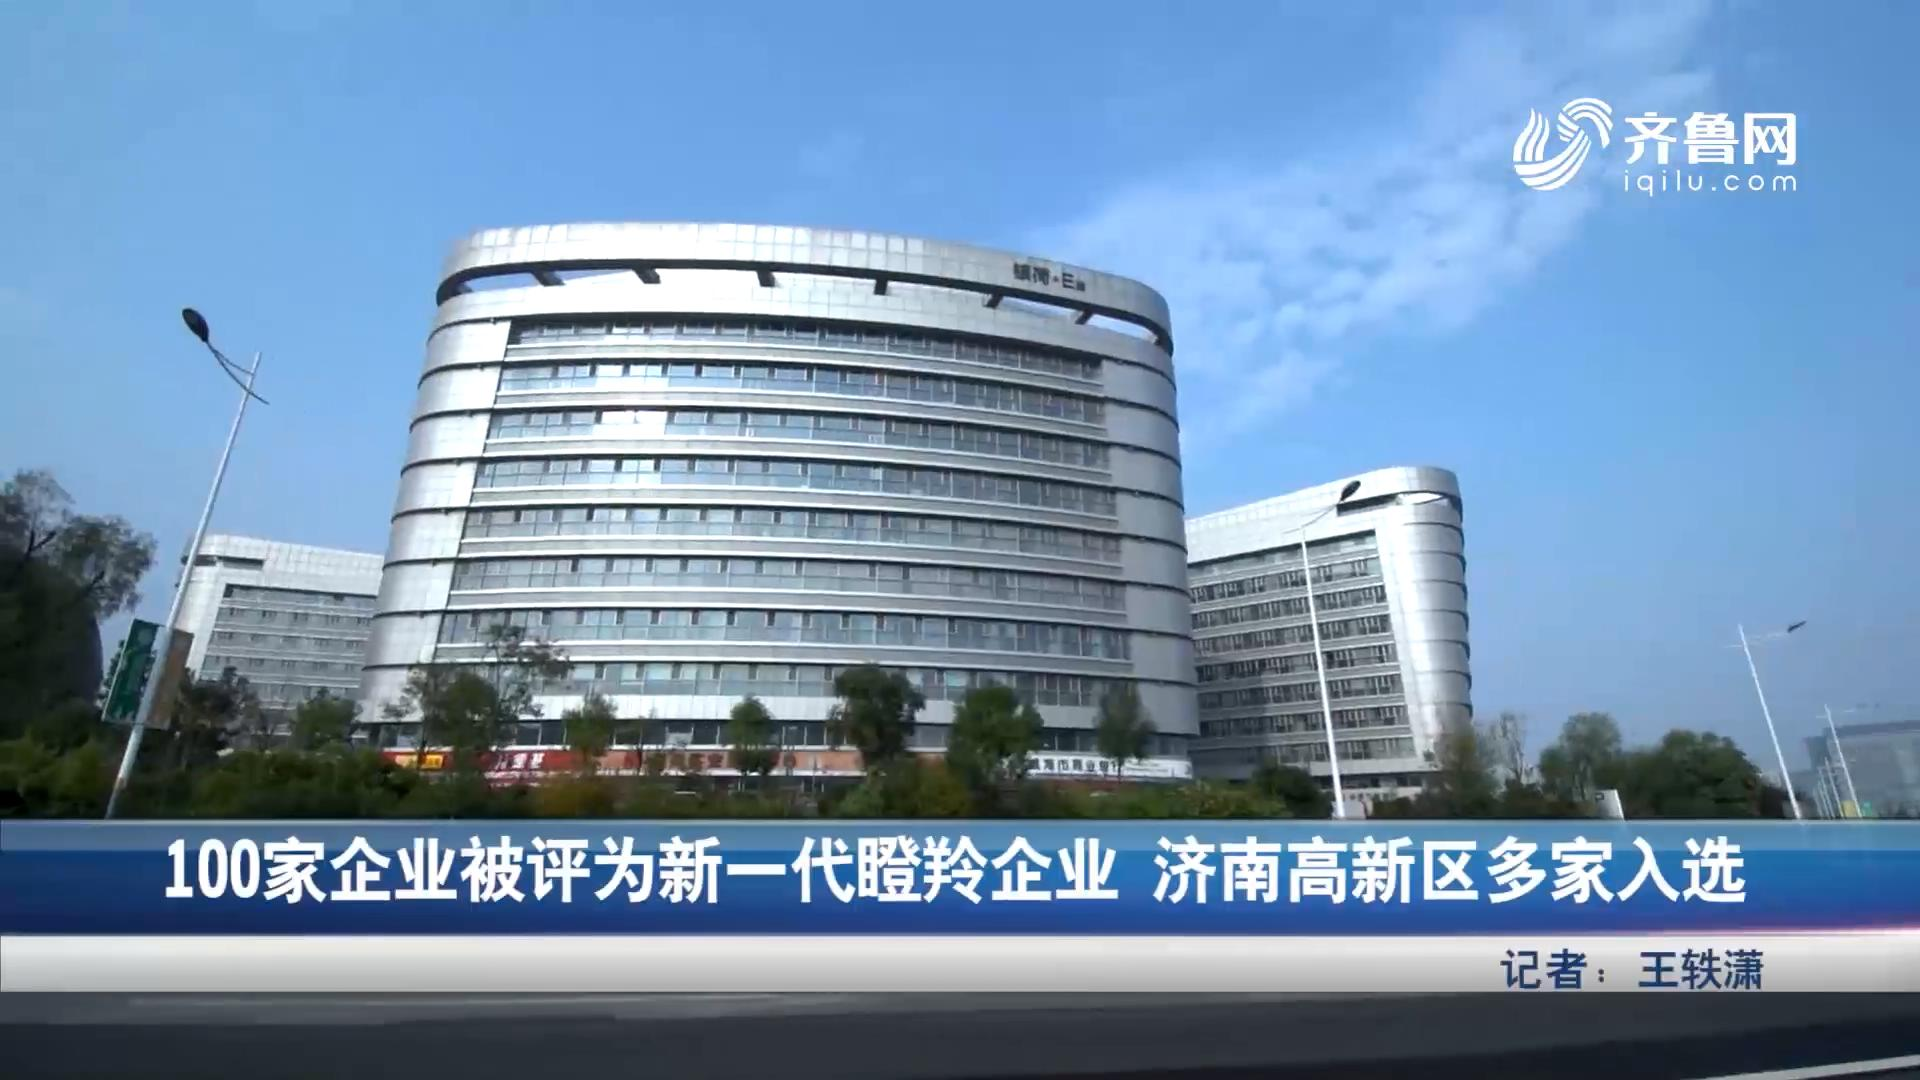 百家企业被评为新一代瞪羚企业 济南高新区多家入选